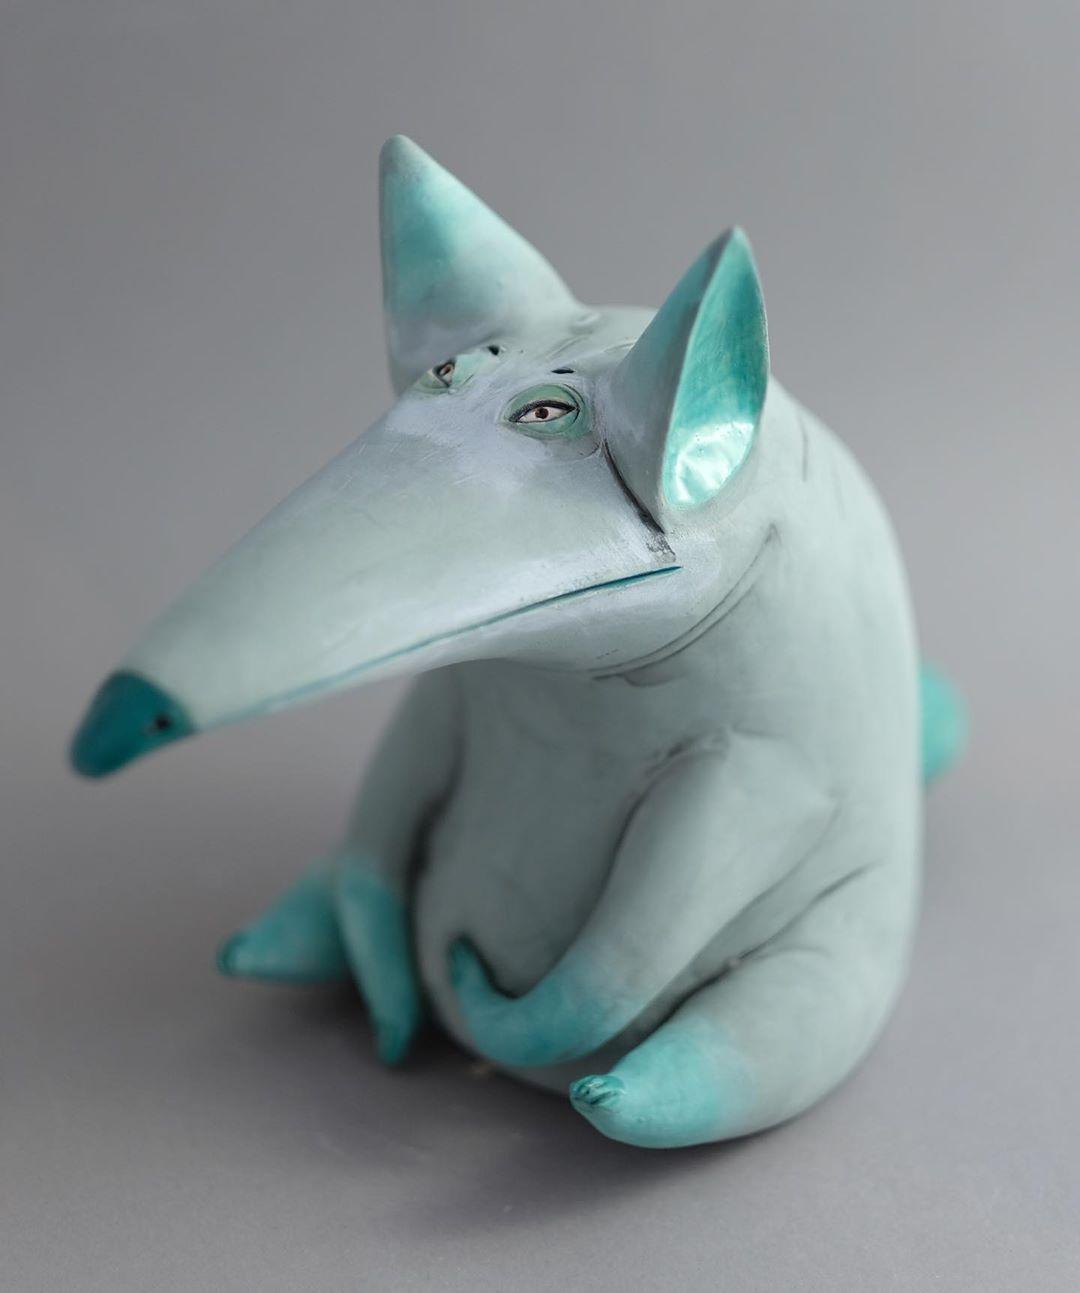 ceramic animal sculpture pig nastia calaca